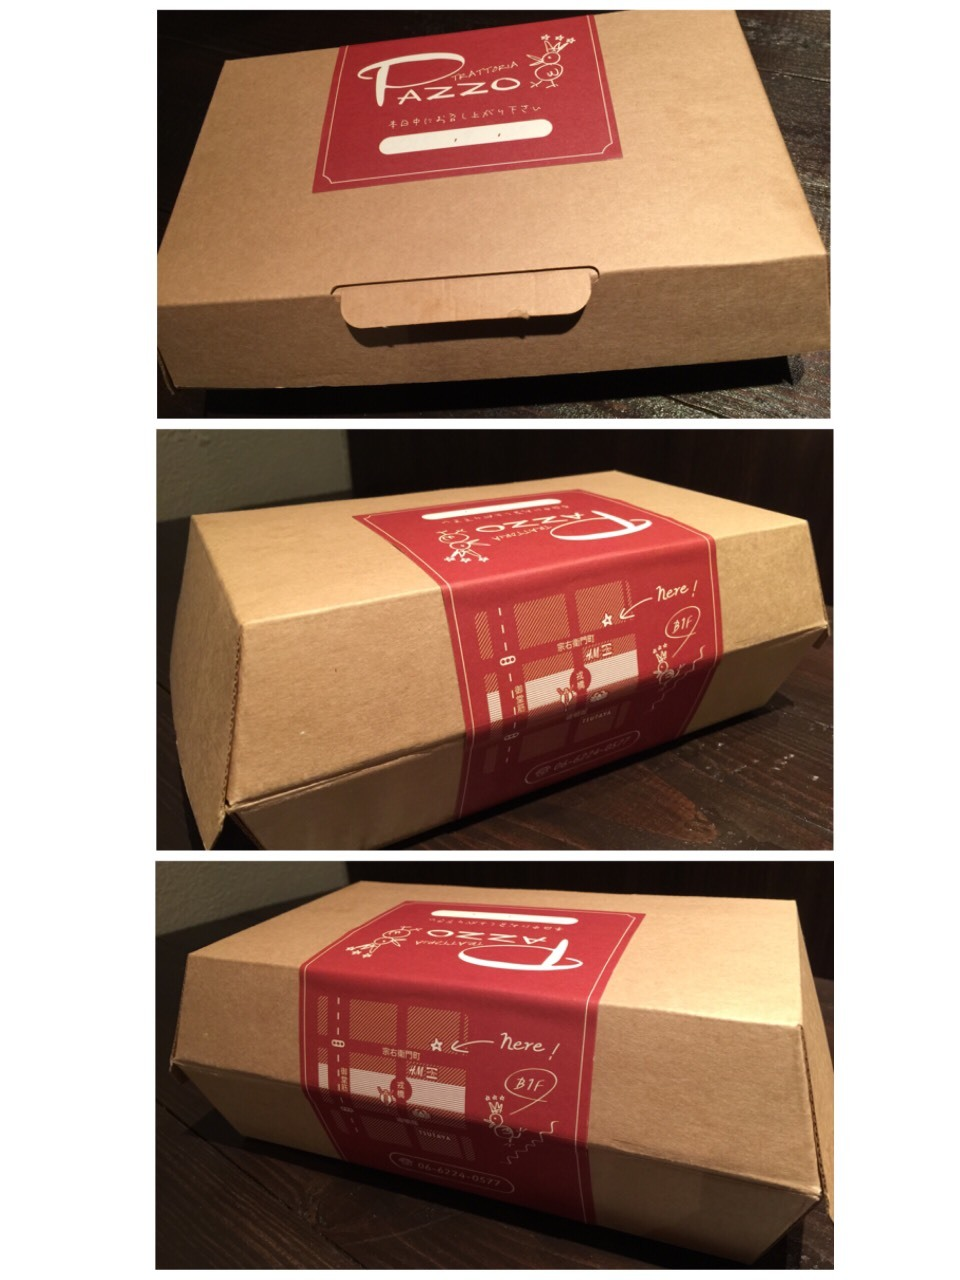 ランチBOX・ランチBAG 販売開始!!_a0336744_14134497.jpg